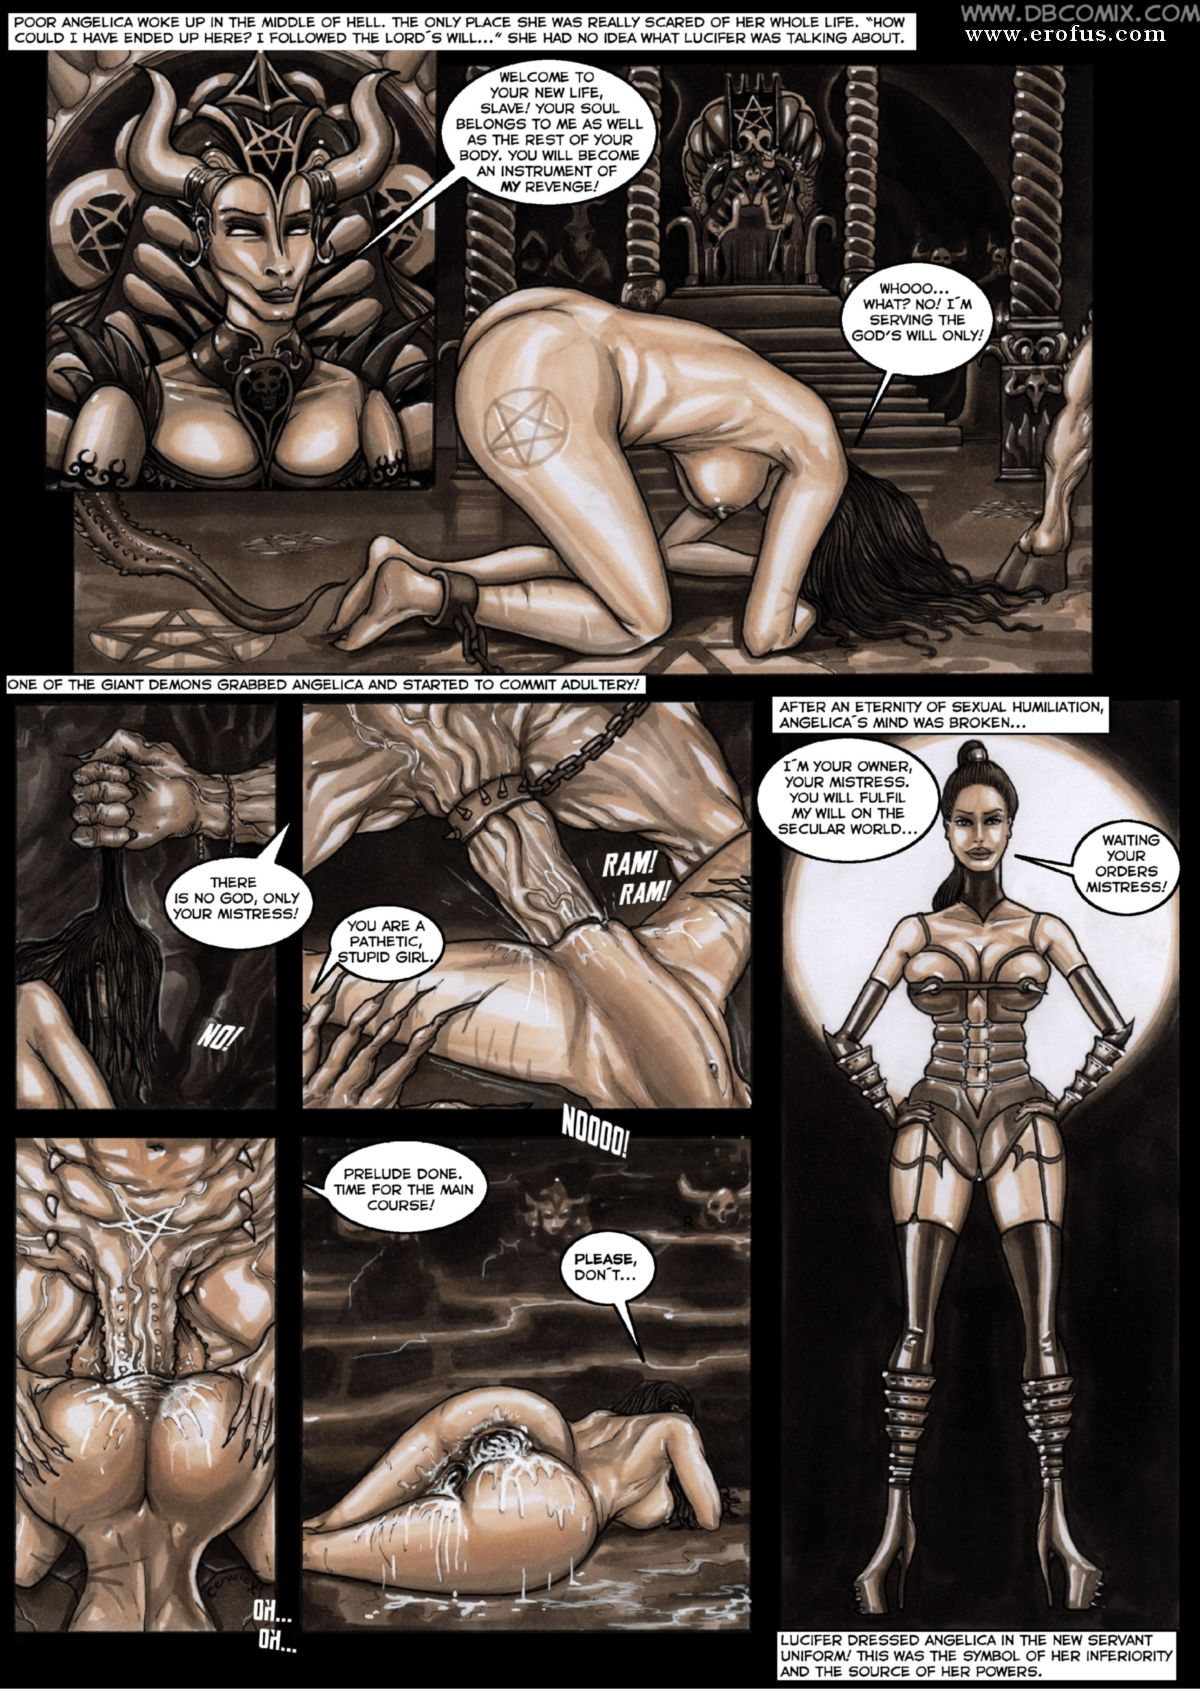 Nude cartoon porn